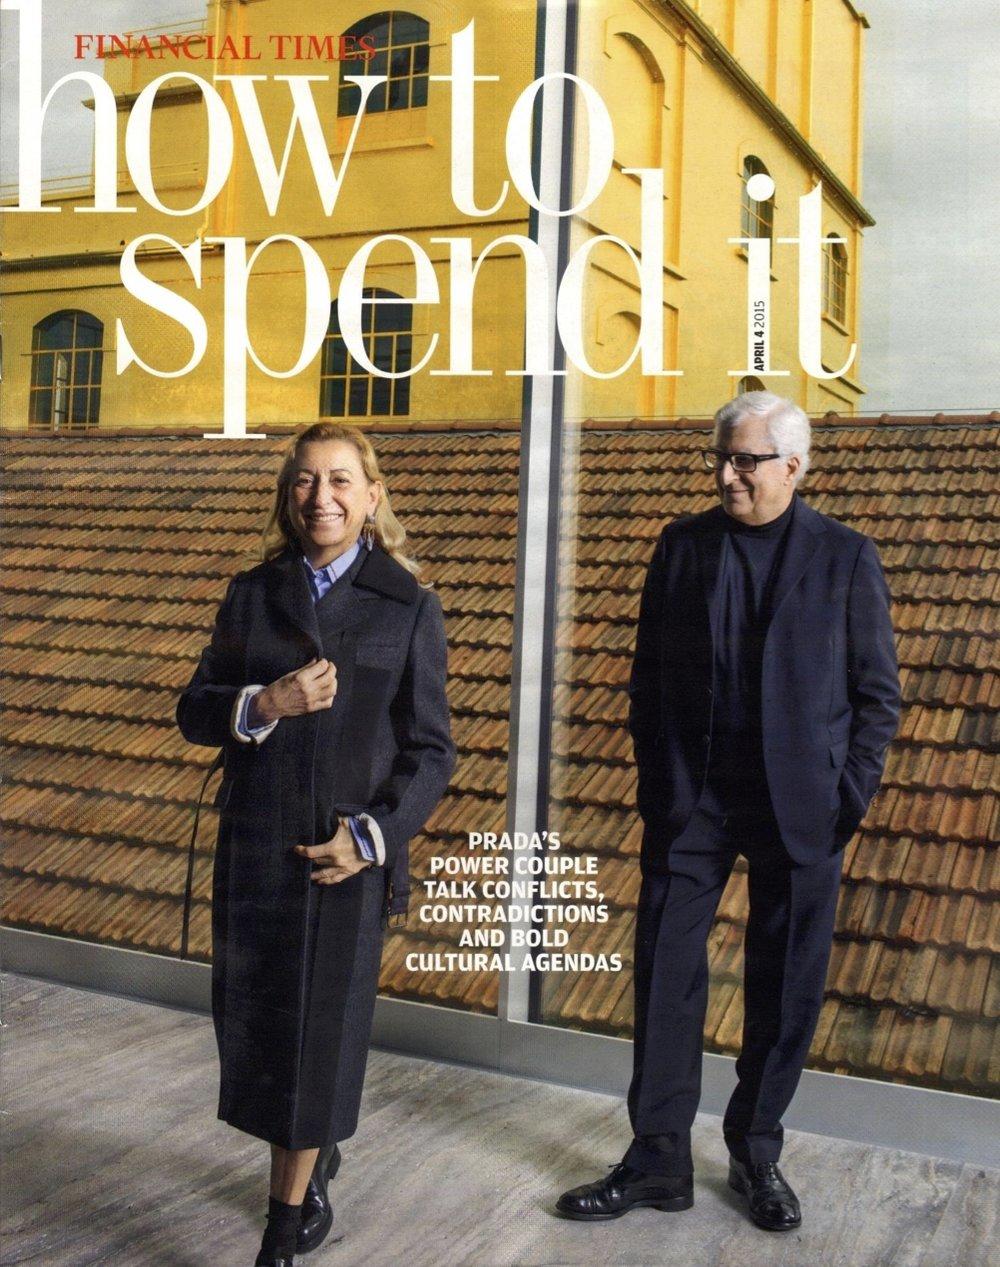 Miuccia Prada and Patrizio Bertelli, Fondazione Prada Milano, Financial Times Magazine